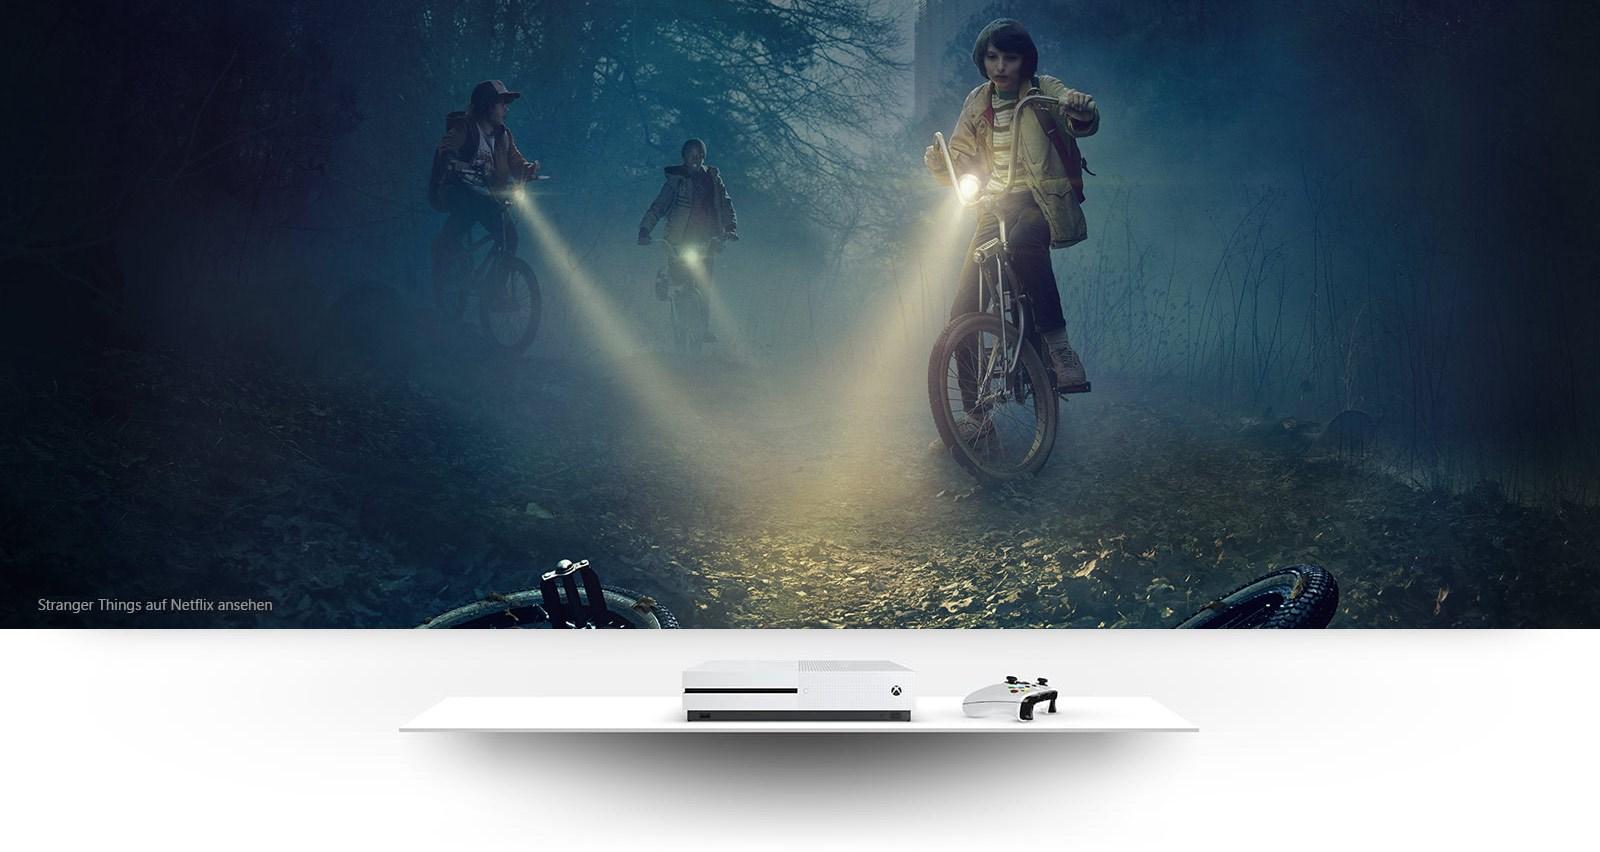 XboxOneS mit dem Bild von Kindern aus der Serie Stranger Things auf Fahrrädern